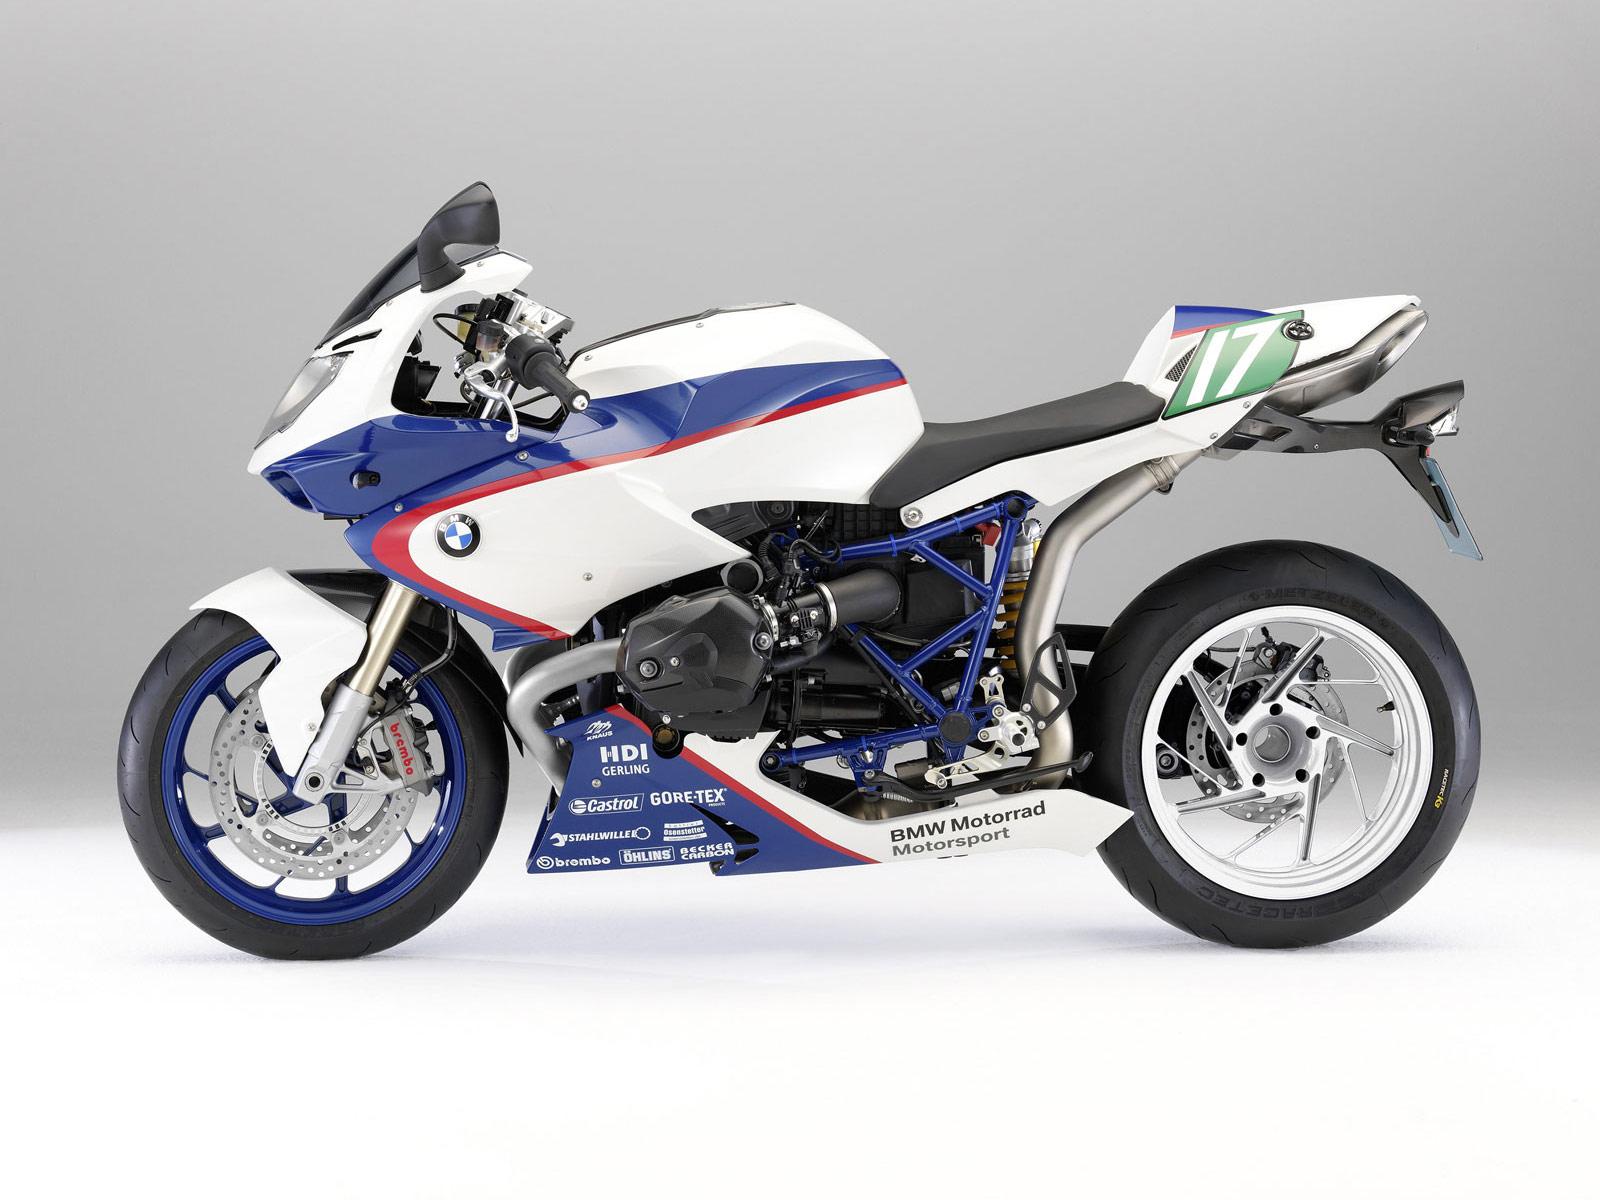 http://2.bp.blogspot.com/_St8PvhYLC4c/TMqiPXNcAjI/AAAAAAAADDc/vQCnAjNgmV8/s1600/BMW_HP2_Sport_2011-3.jpg